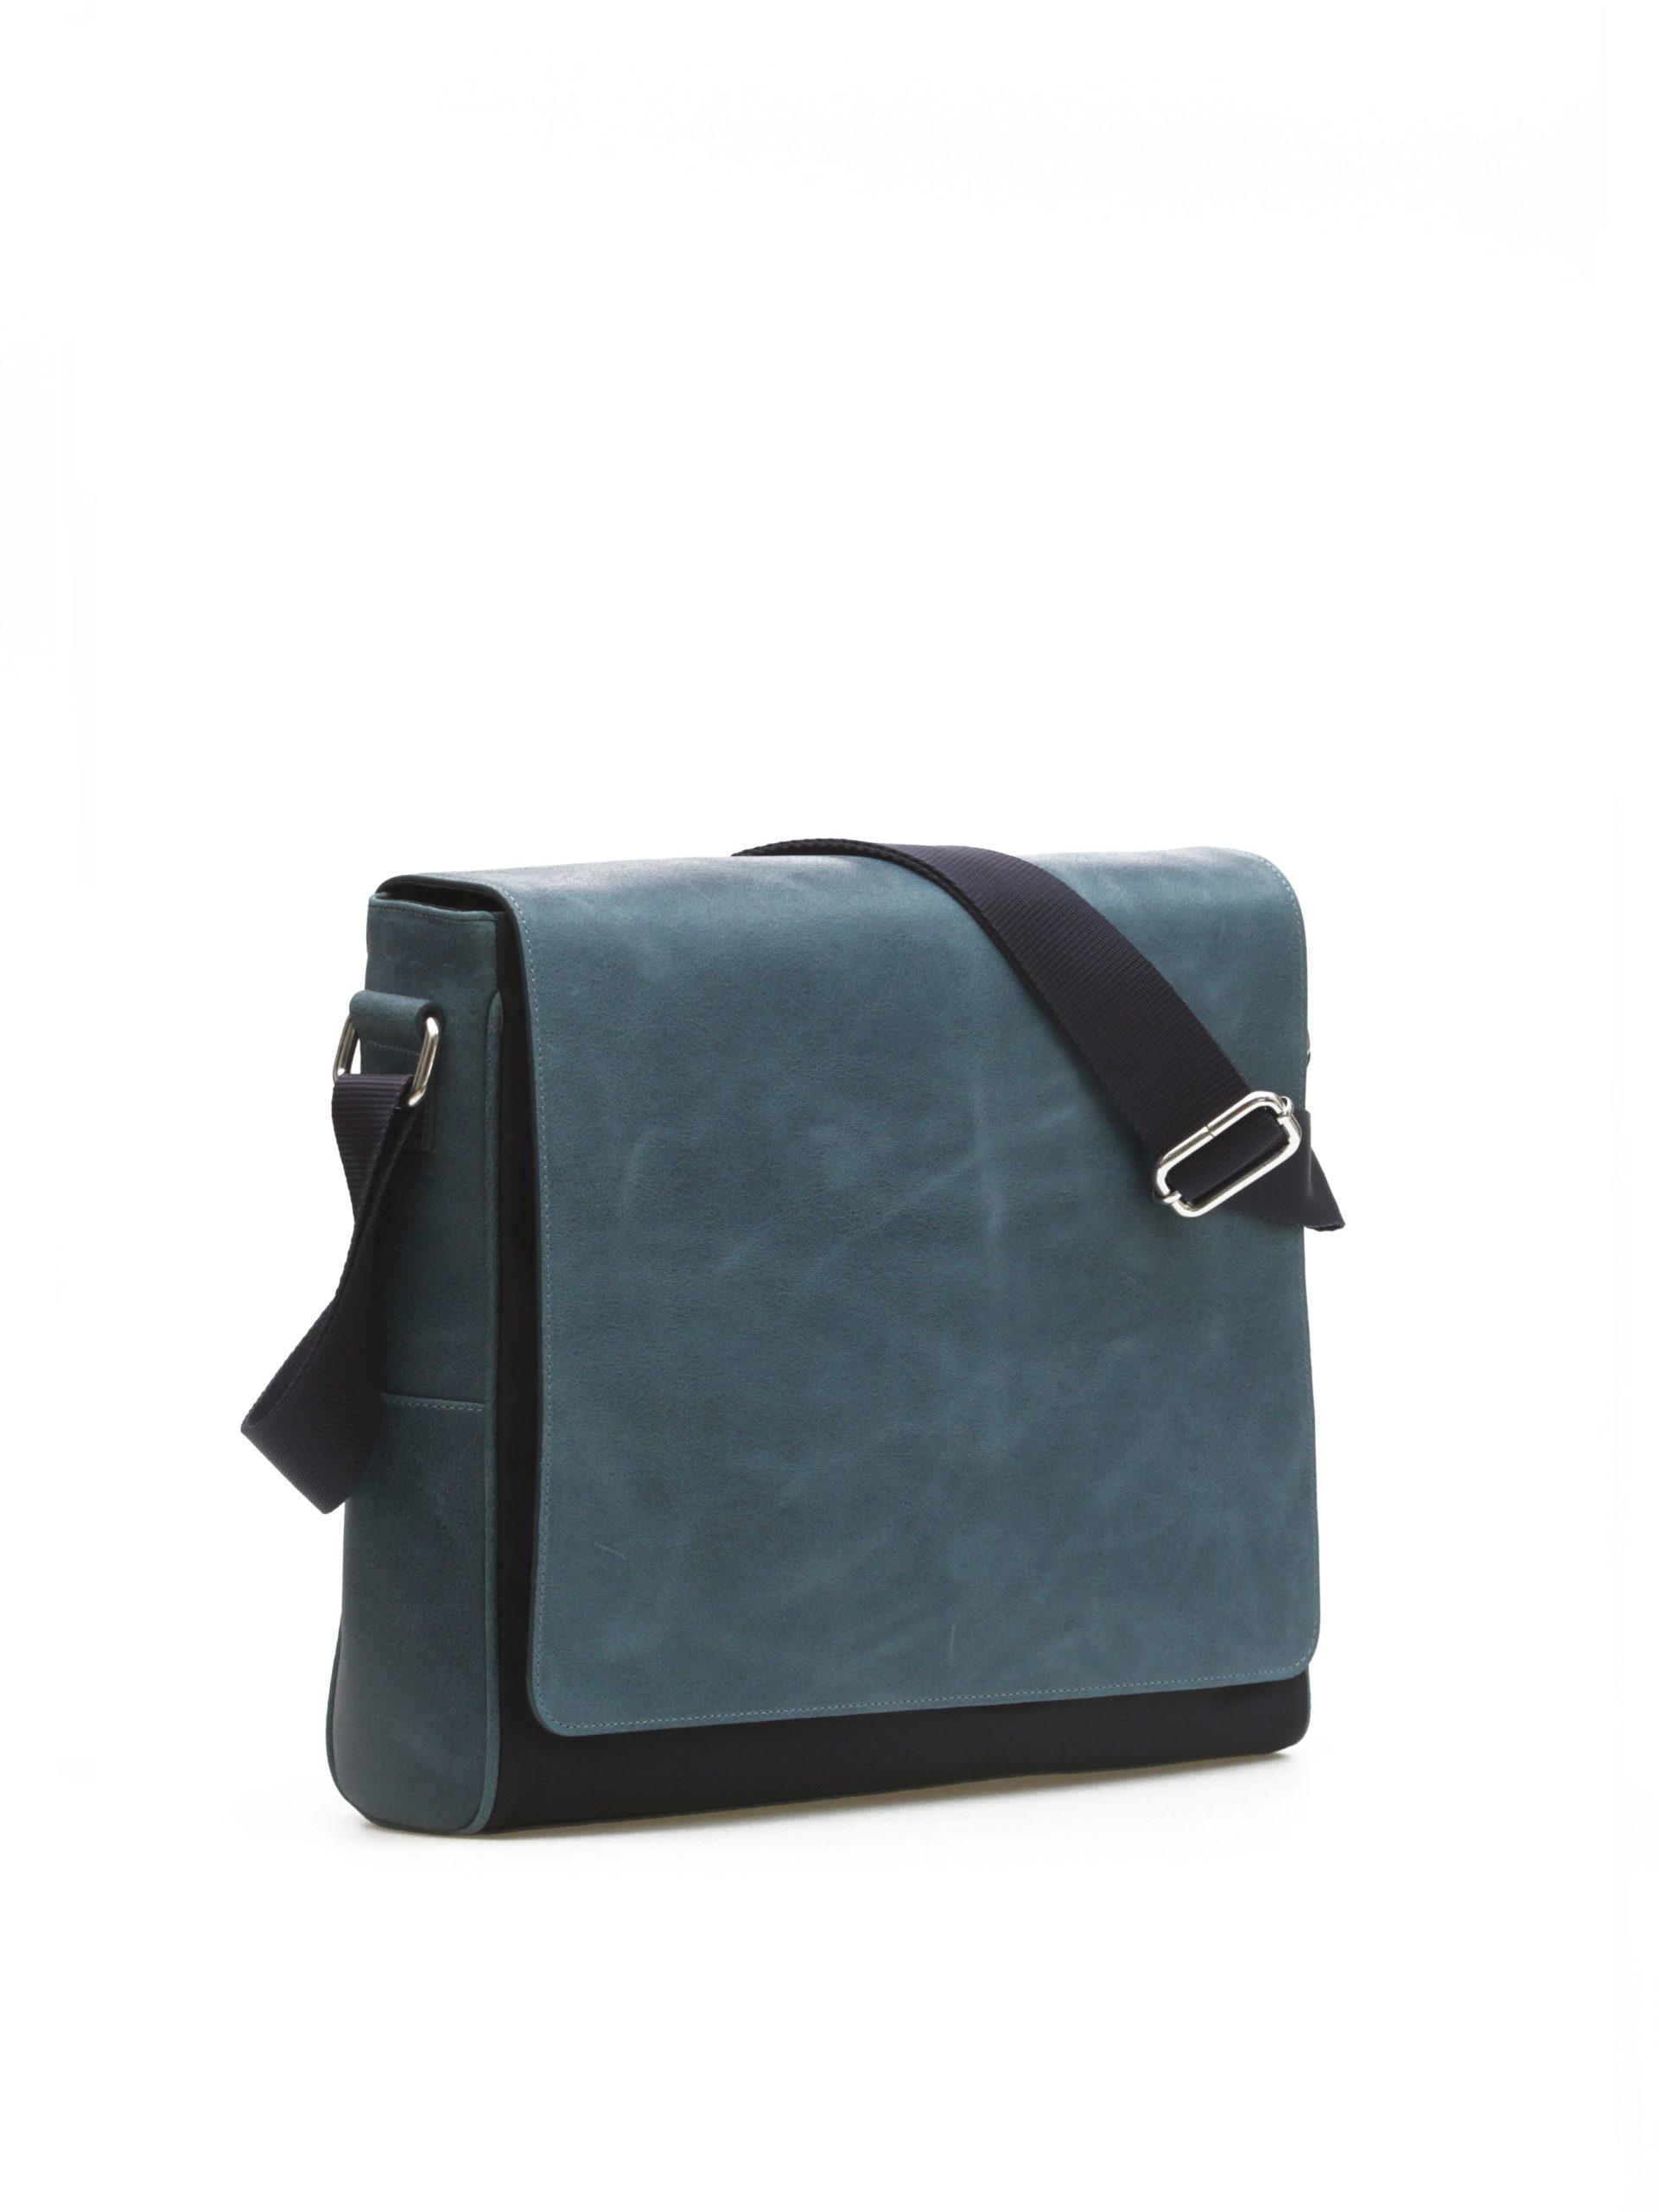 итальянская сумка синяя